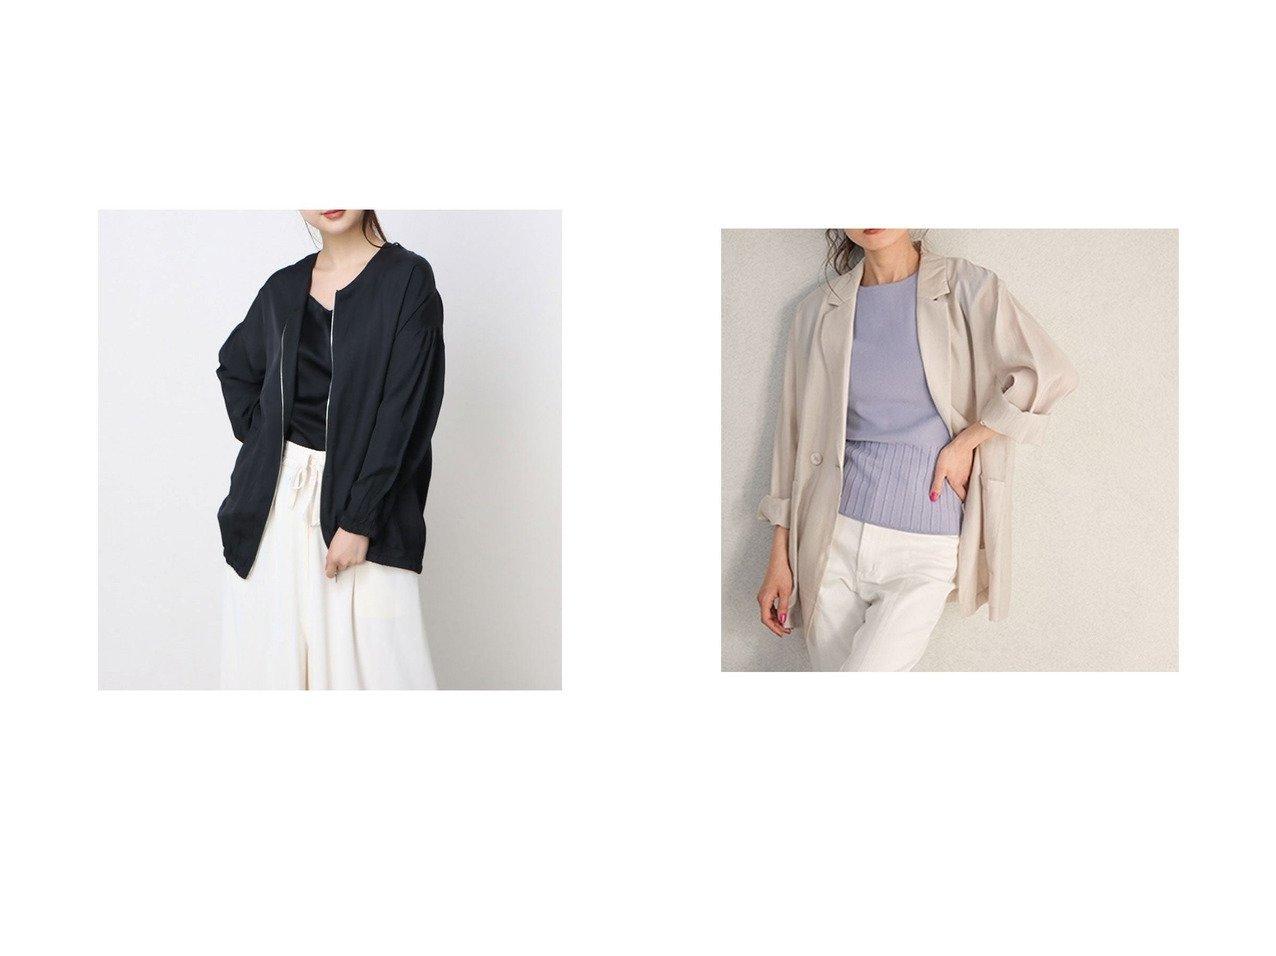 【Rename/リネーム】のノーカラージップアップライトアウター&【Cherie Mona/シェリーモナ】のテンセルライトジャケット おすすめ!人気、トレンド・レディースファッションの通販 おすすめで人気の流行・トレンド、ファッションの通販商品 インテリア・家具・メンズファッション・キッズファッション・レディースファッション・服の通販 founy(ファニー) https://founy.com/ ファッション Fashion レディースファッション WOMEN アウター Coat Outerwear ジャケット Jackets 2021年 2021 2021春夏・S/S SS/Spring/Summer/2021 S/S・春夏 SS・Spring/Summer おすすめ Recommend キャミソール ジャケット フロント ポケット ルーズ 春 Spring  ID:crp329100000045345